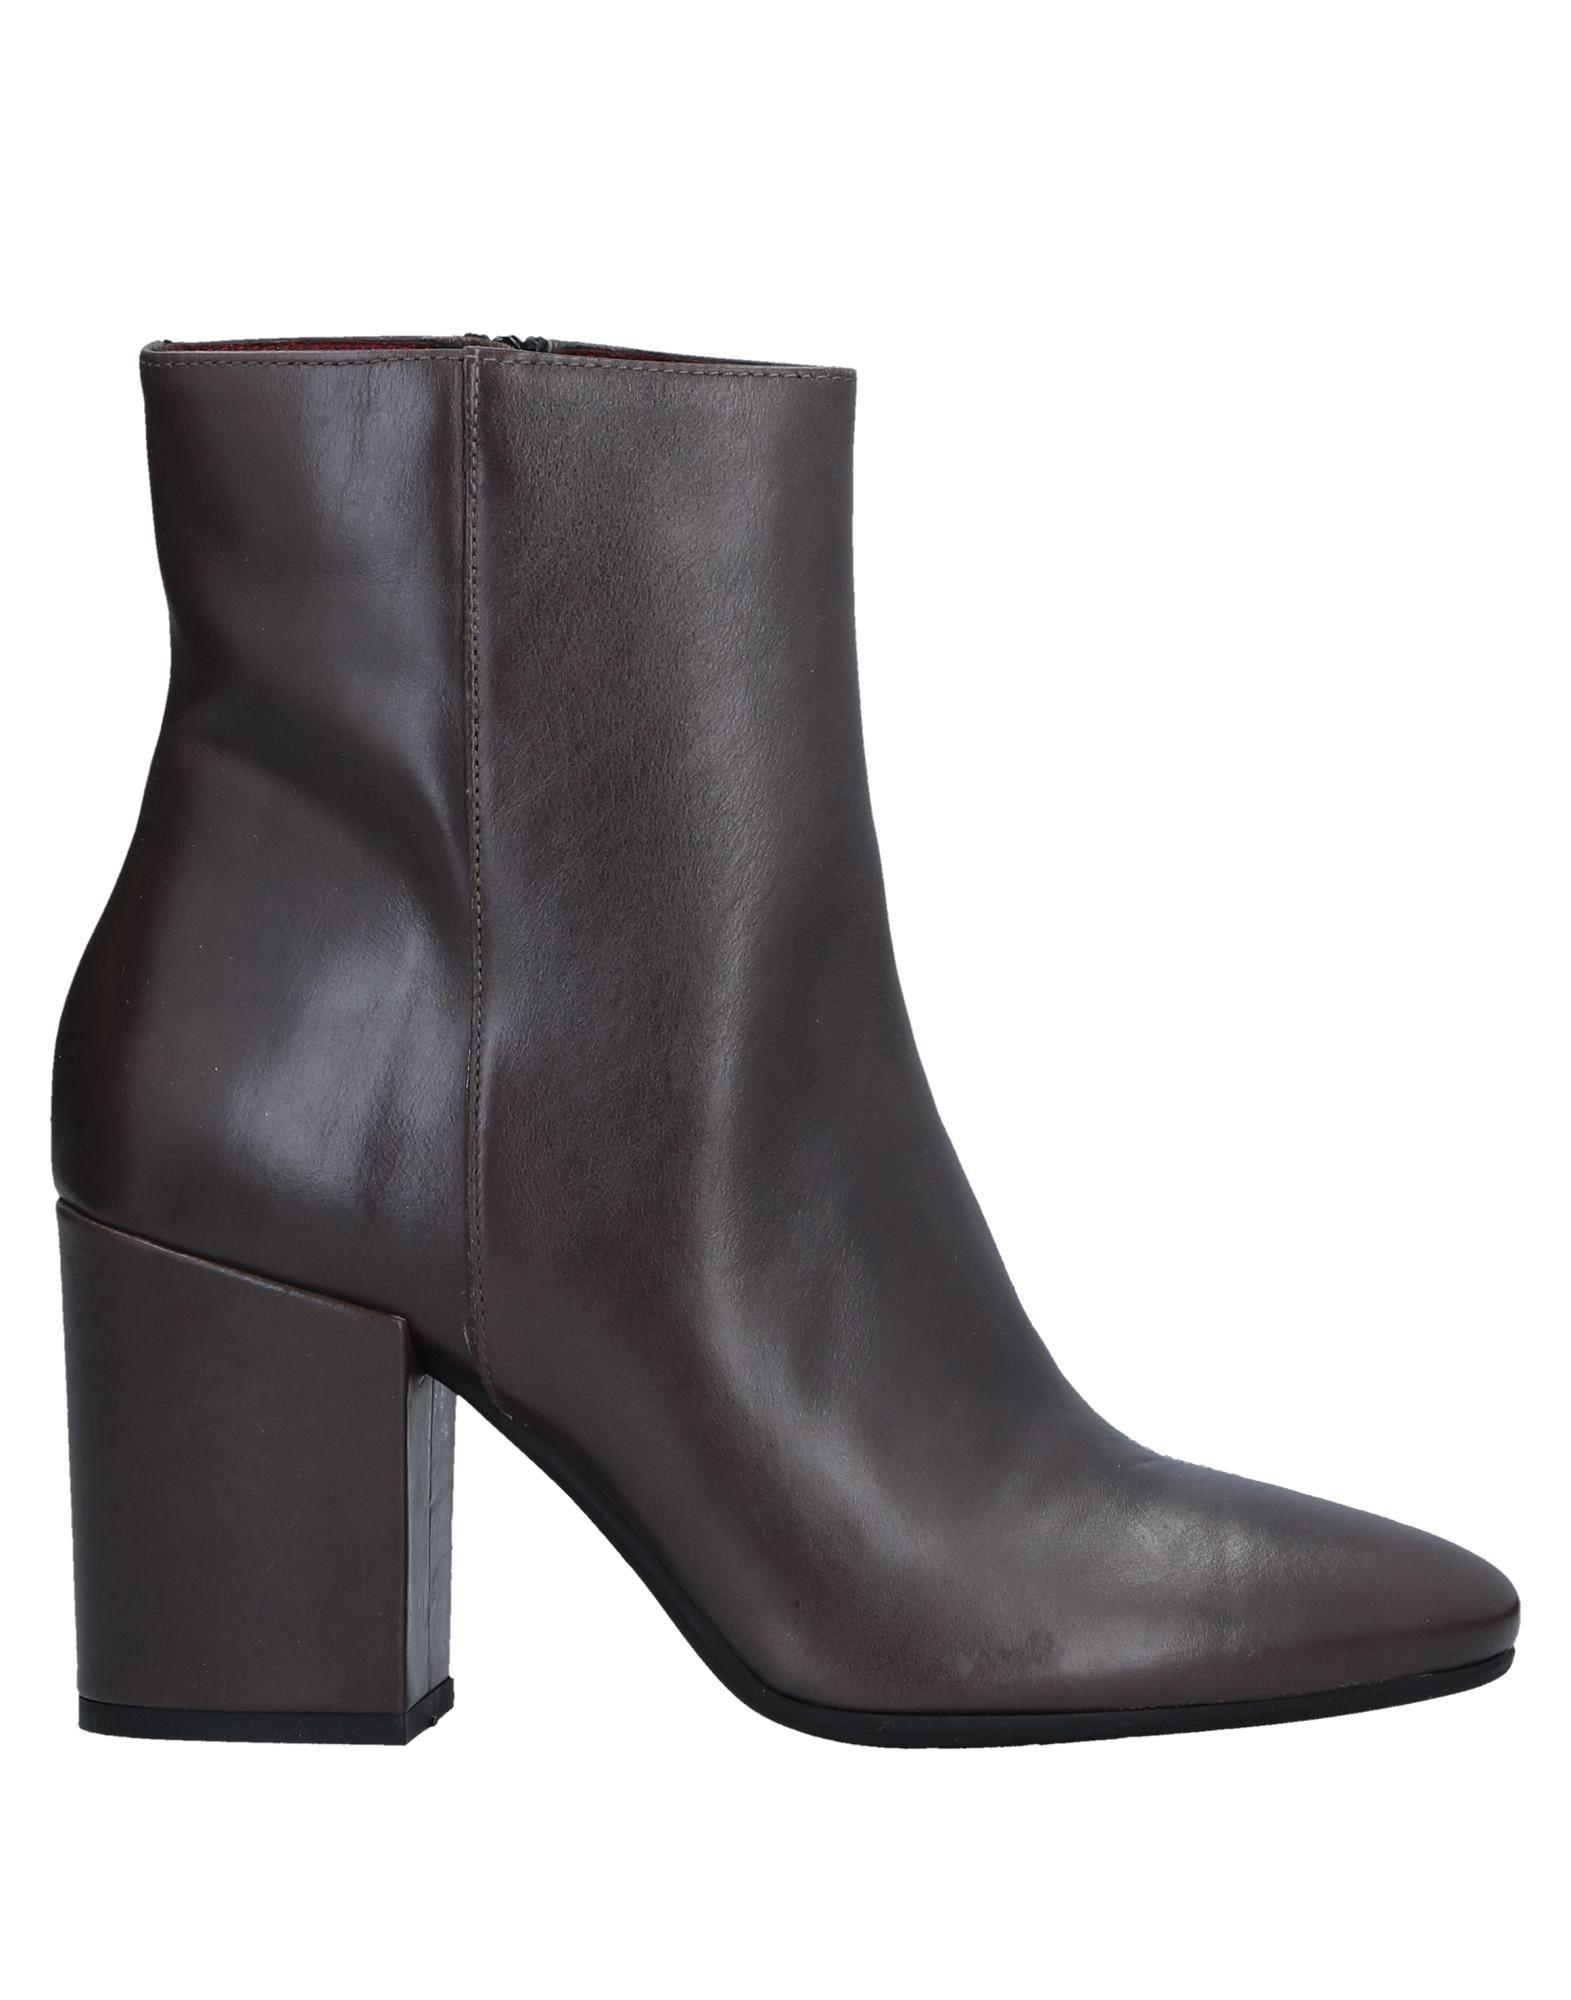 Paolina 11533823DA Perez Stiefelette Damen  11533823DA Paolina Gute Qualität beliebte Schuhe 74d291